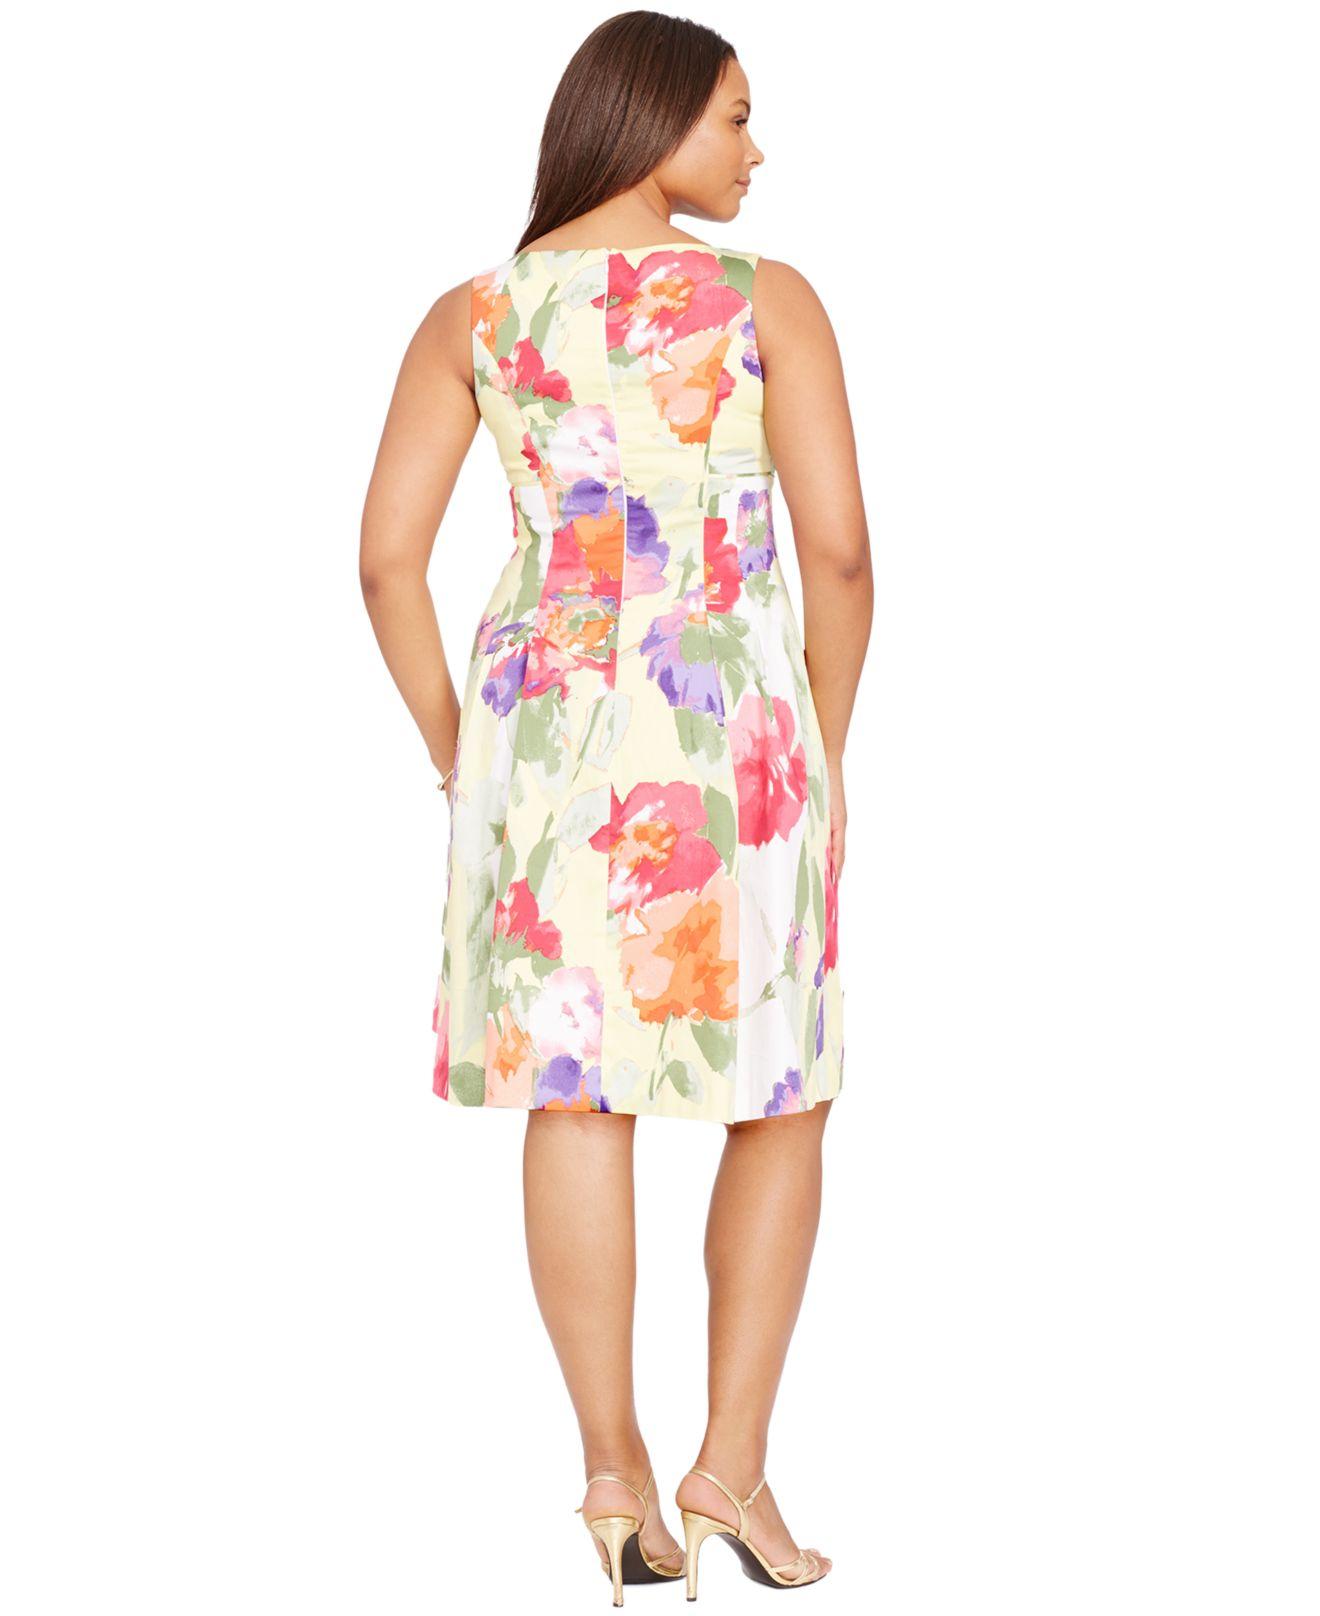 Ralph Lauren Plus Sizes Dresses Fashion Dresses